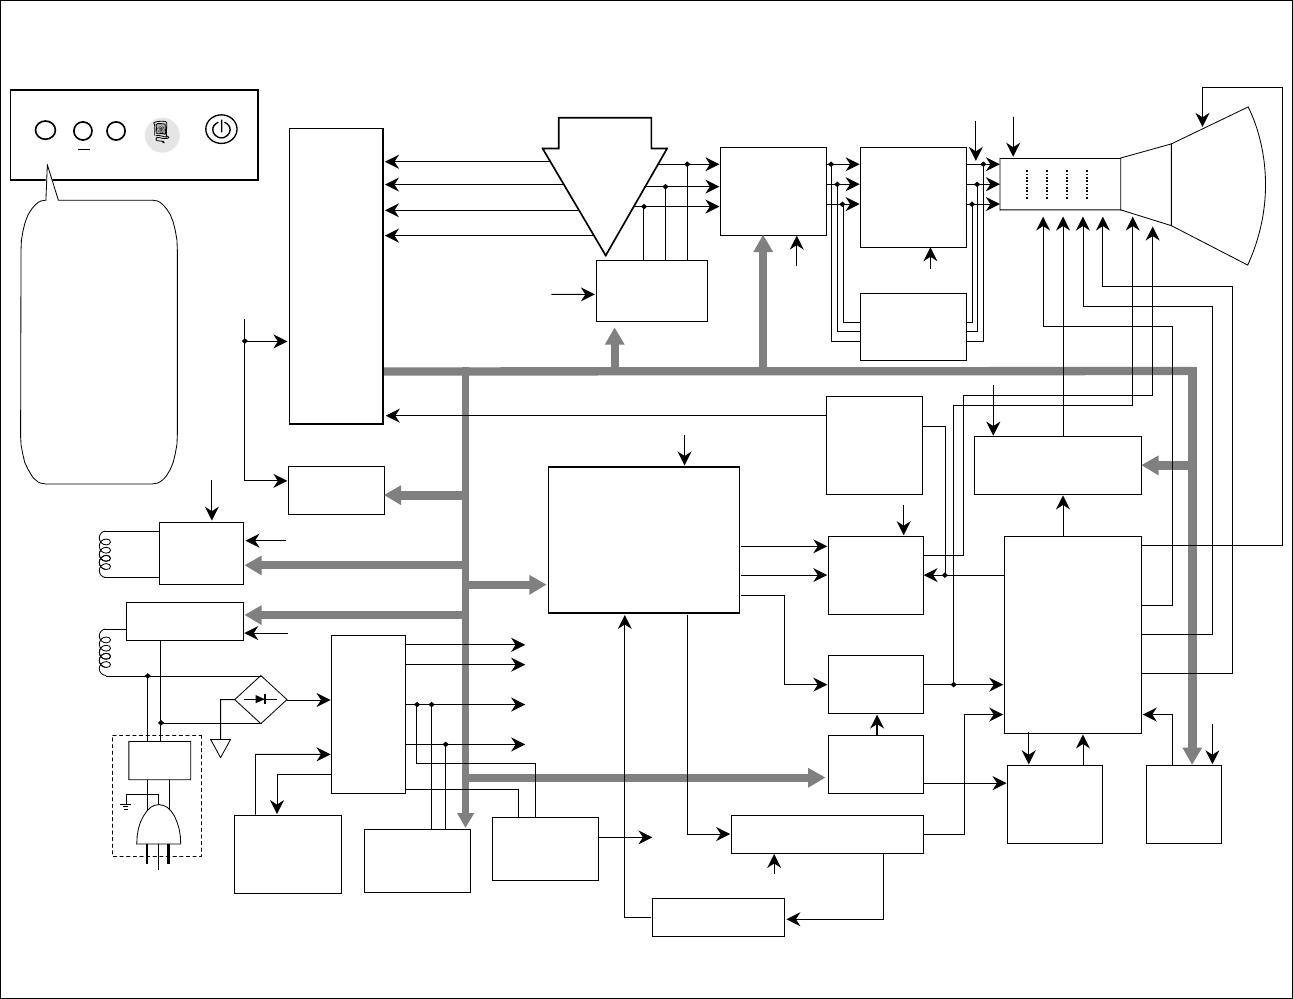 Compaq Mv7500 Users Manual C346 Focus Fuse Box Front Block Diagram